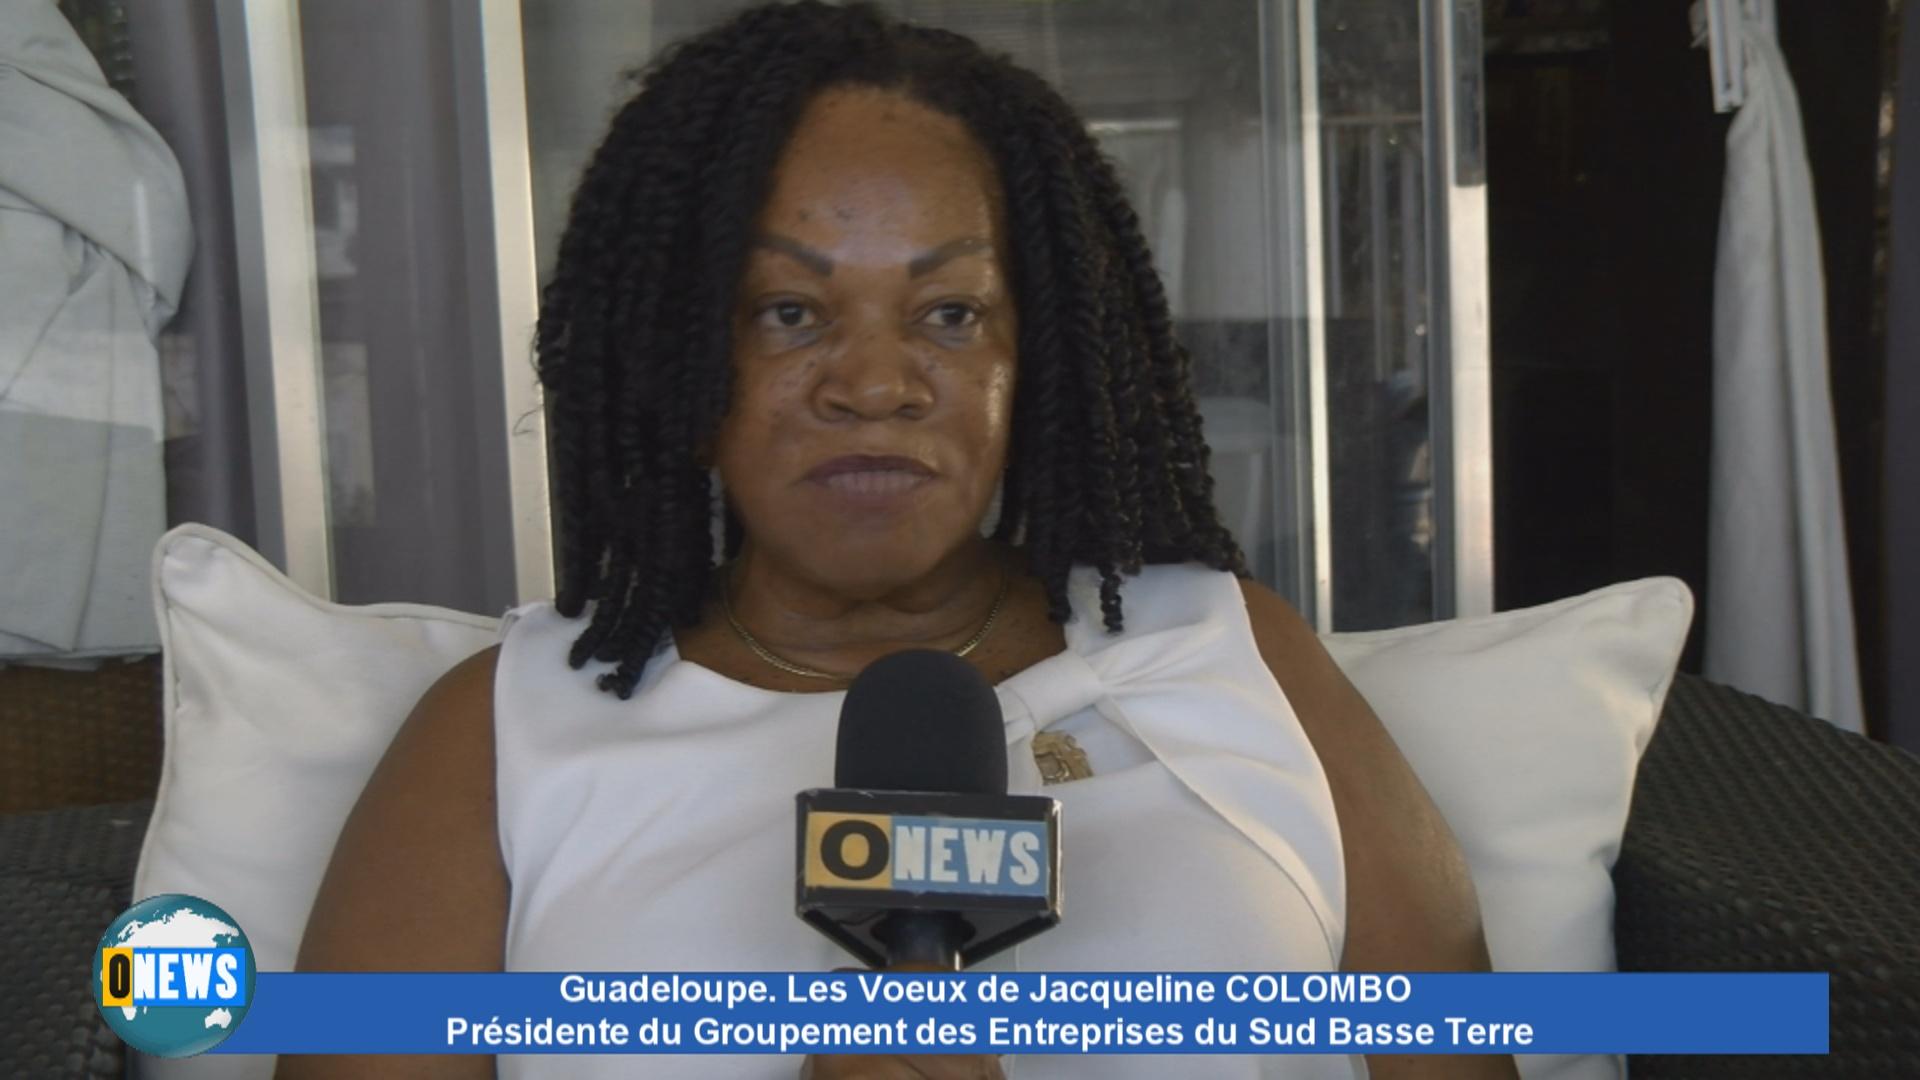 Onews Guadeloupe. Les Voeux de Jacqueline COLOMBO Présidente Groupement des Entreprises Sud Basse Terre